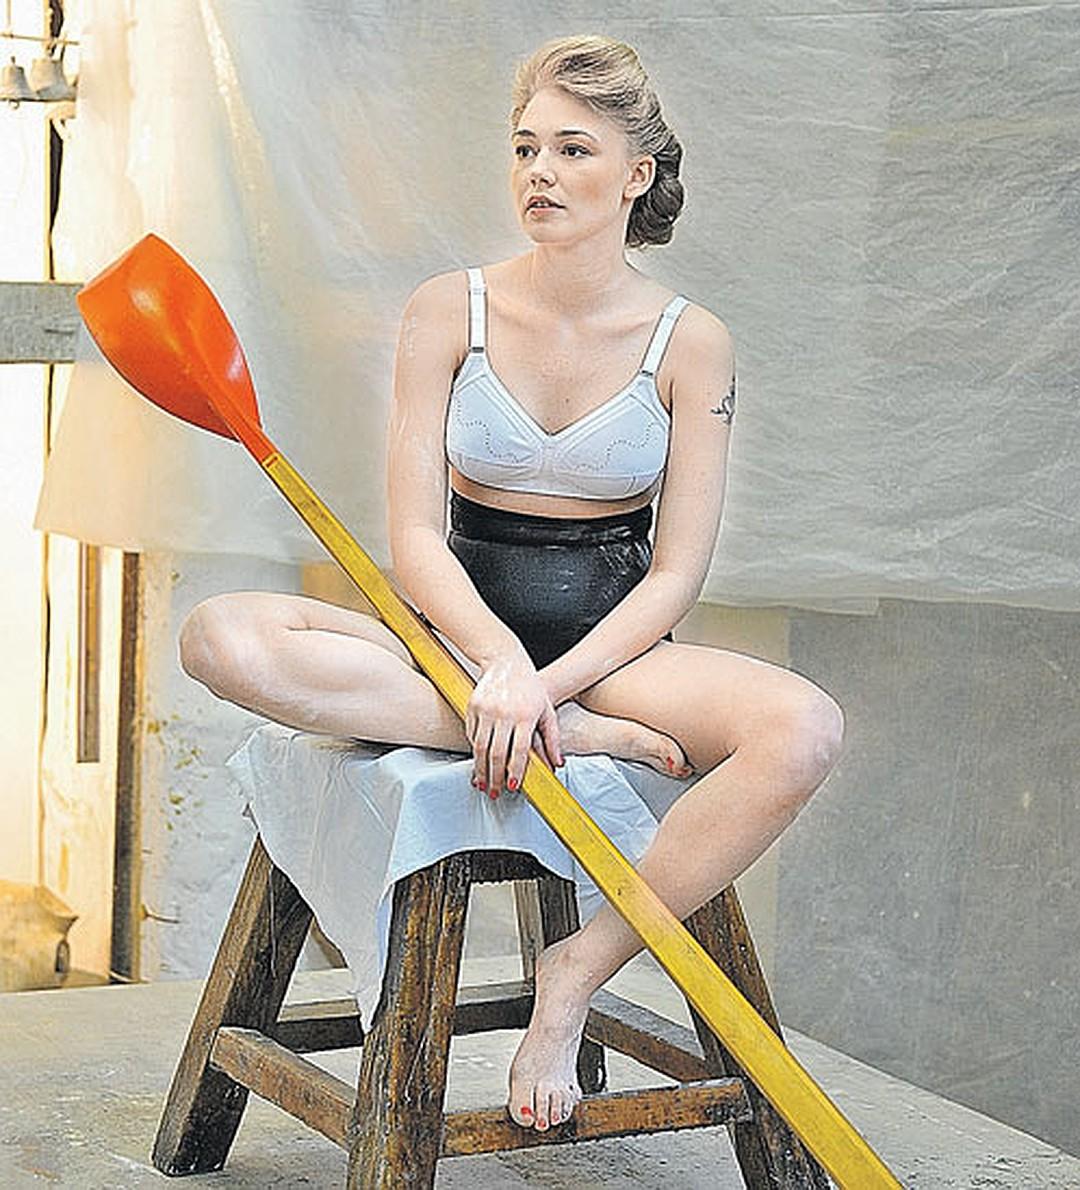 Сеть взбудоражило фото Оксаны Акиньшиной. Поклонники разделились на два лагеря